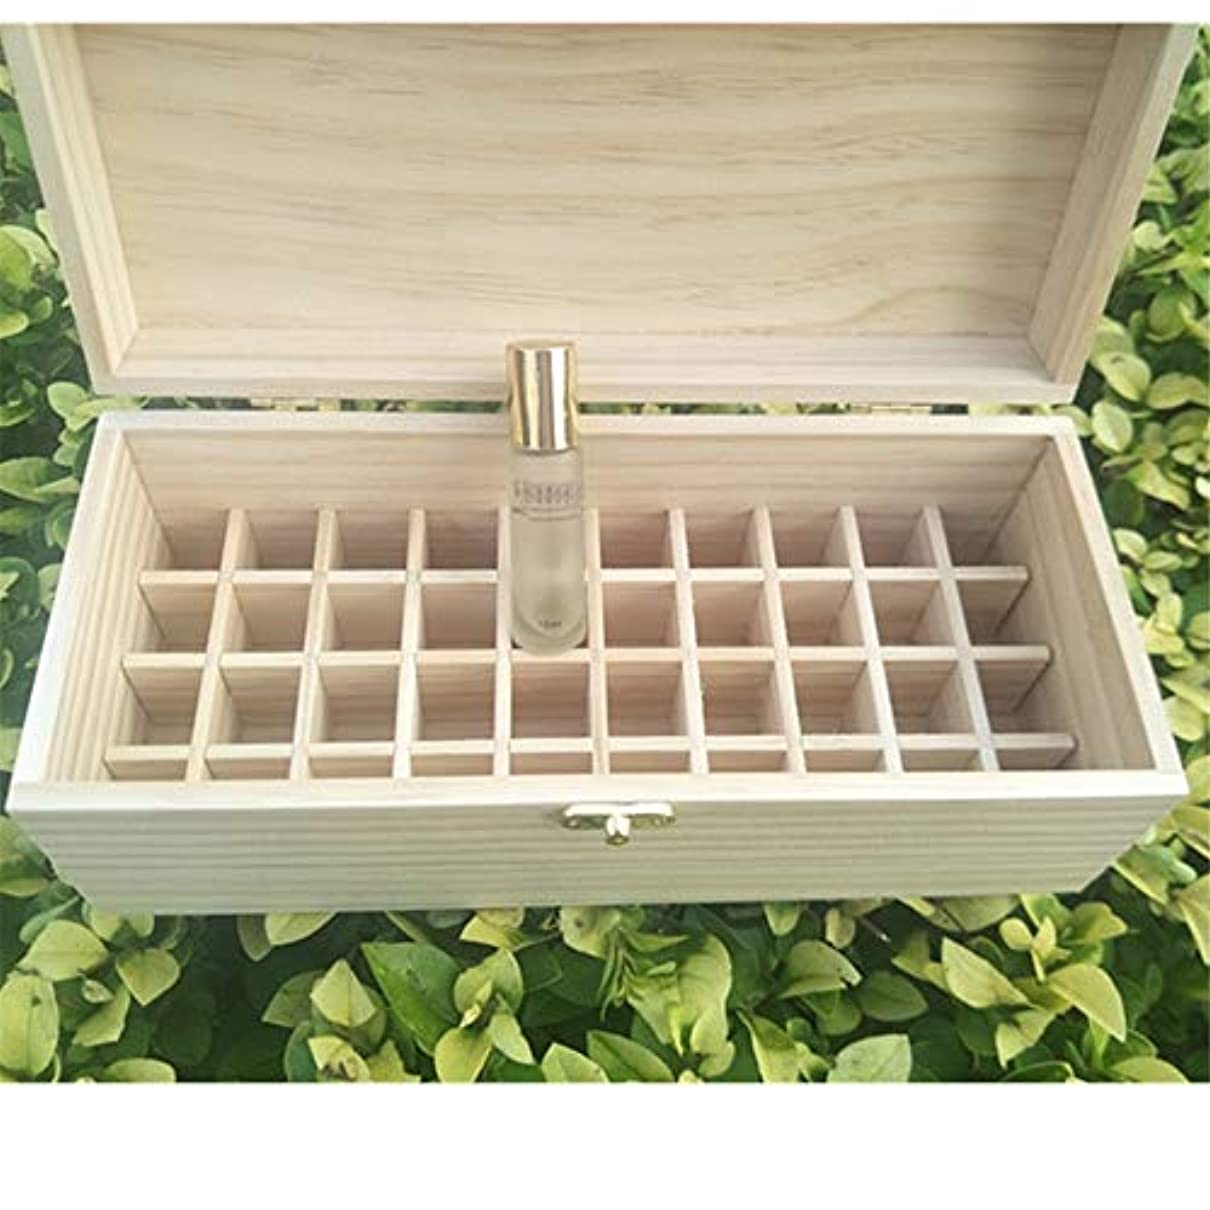 する必要があるやさしく農村エッセンシャルオイルストレージボックス 40スロットウッドエッセンシャルオイルストレージボックスは40の10mlの油のボトルを保持します 旅行およびプレゼンテーション用 (色 : Natural, サイズ : 27X11.5X10.3CM)